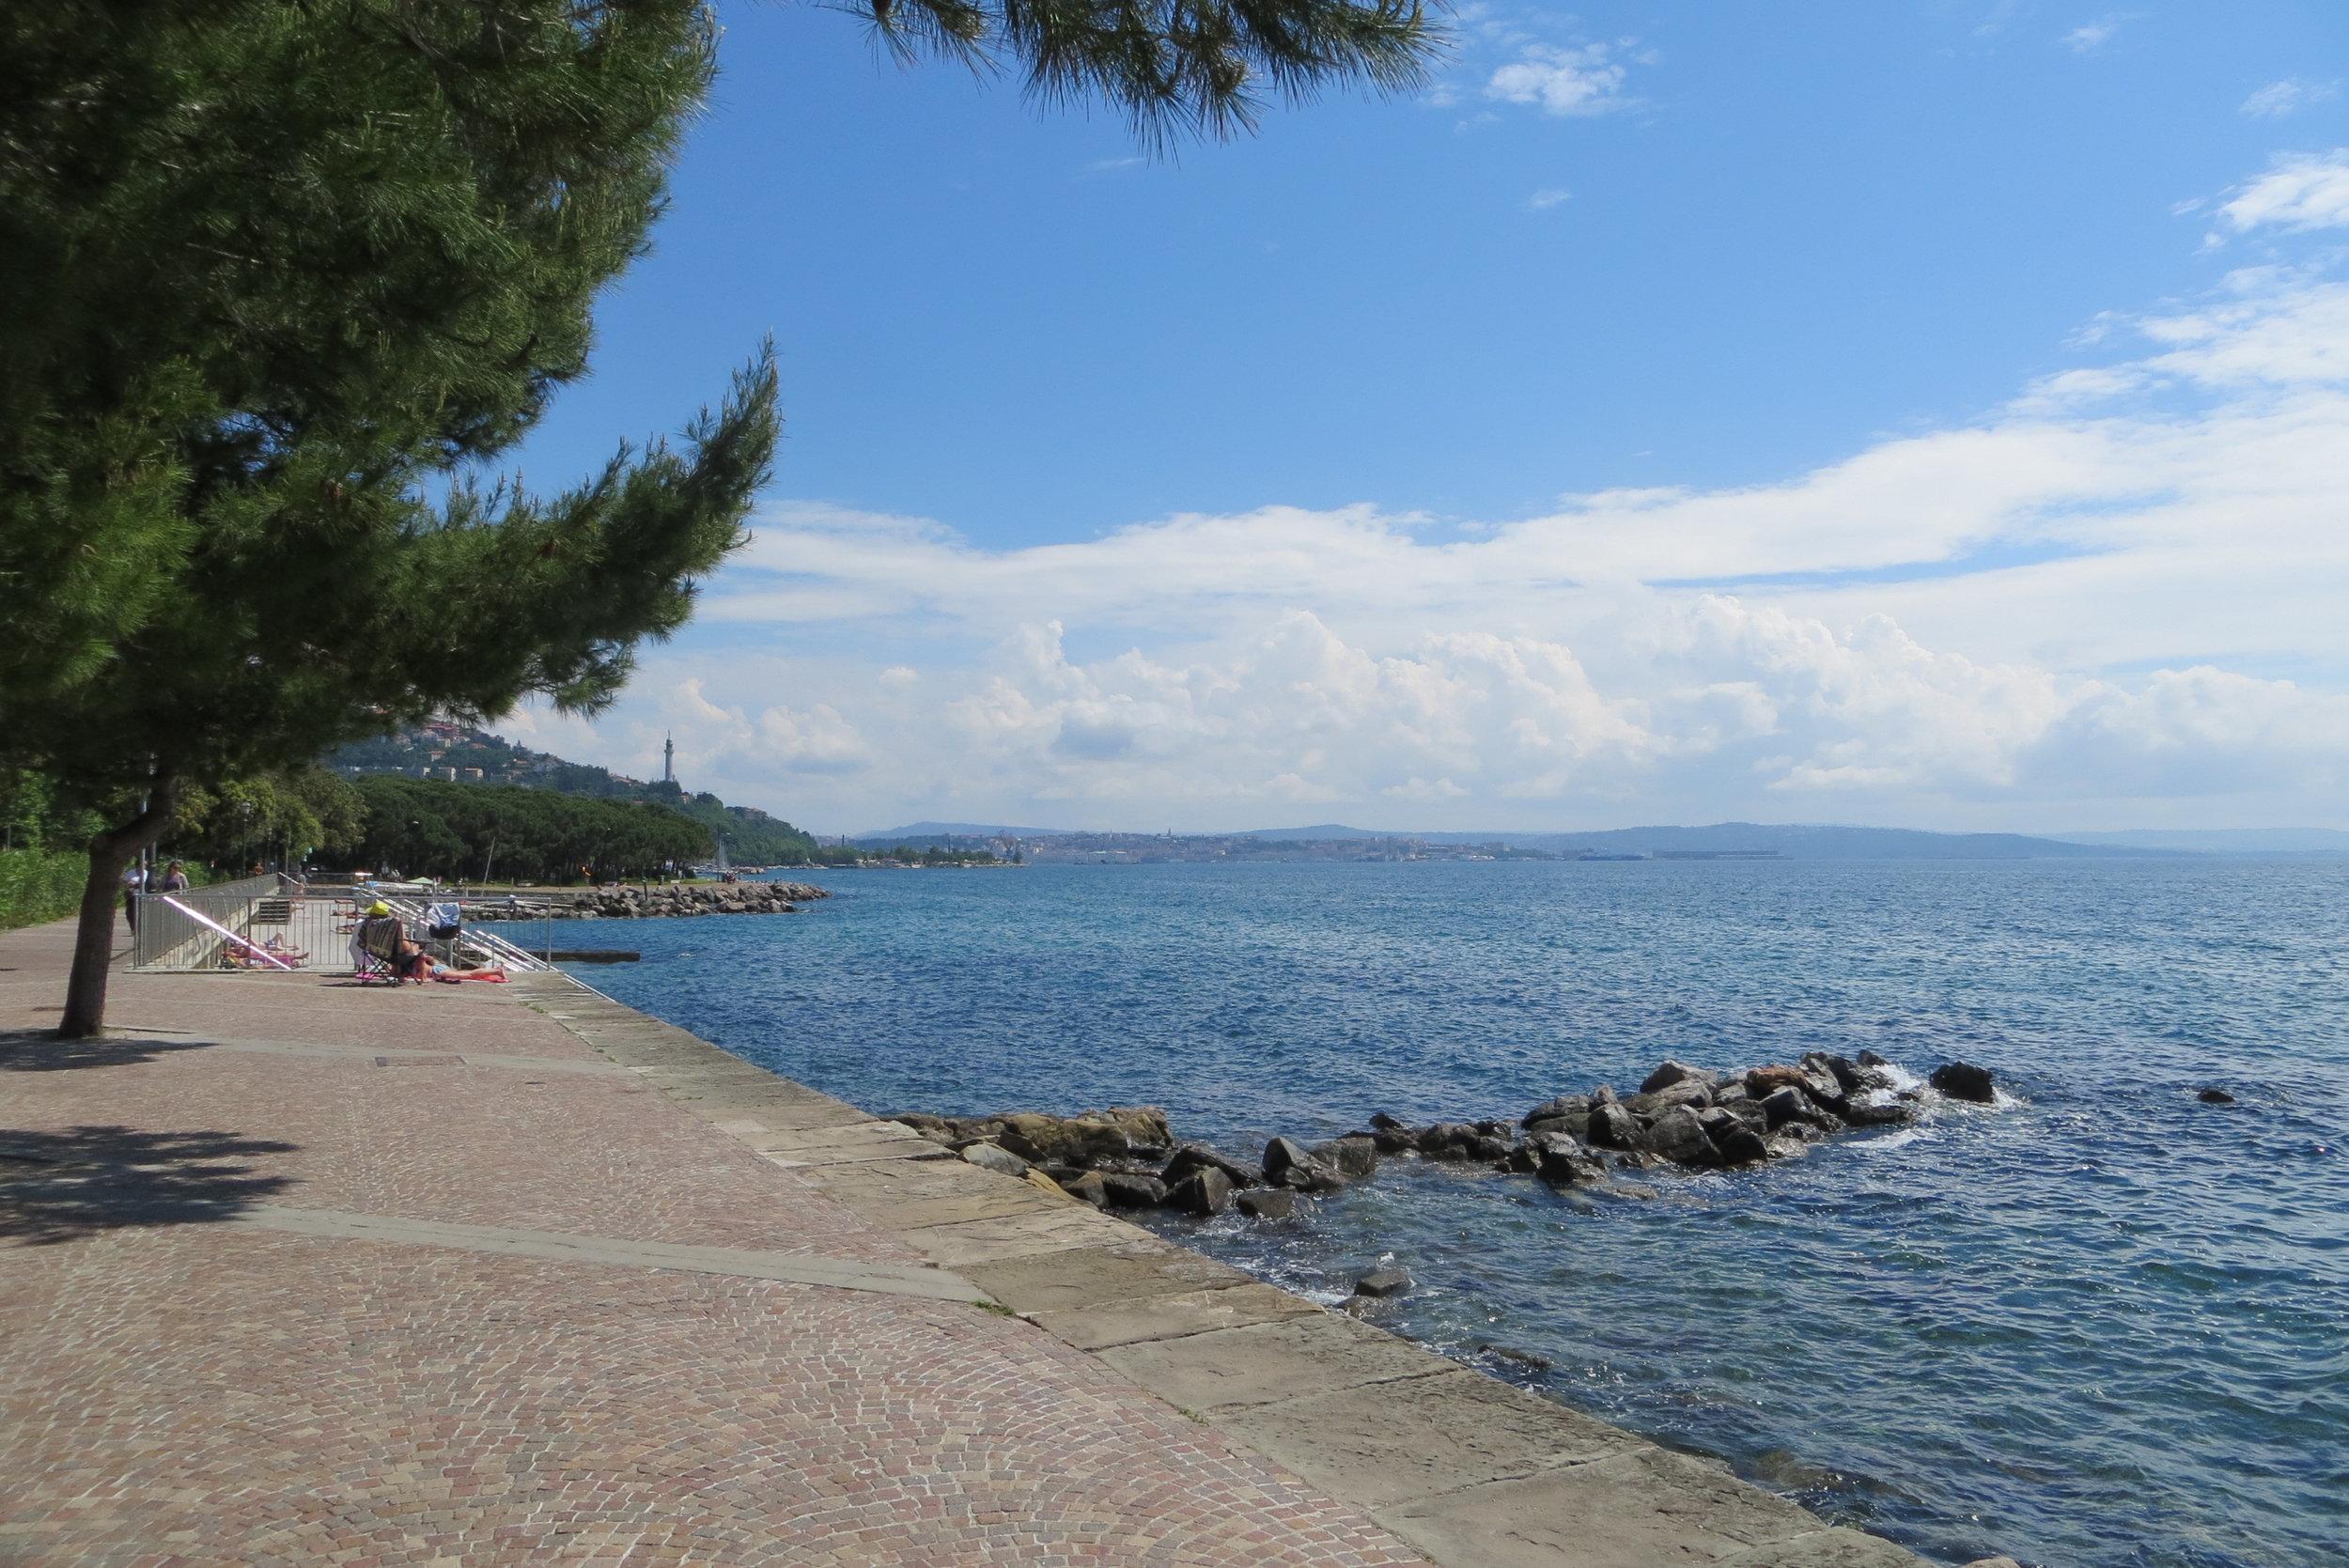 Trieste's Barcola facing the city, with the Faro della Vittora in the distance